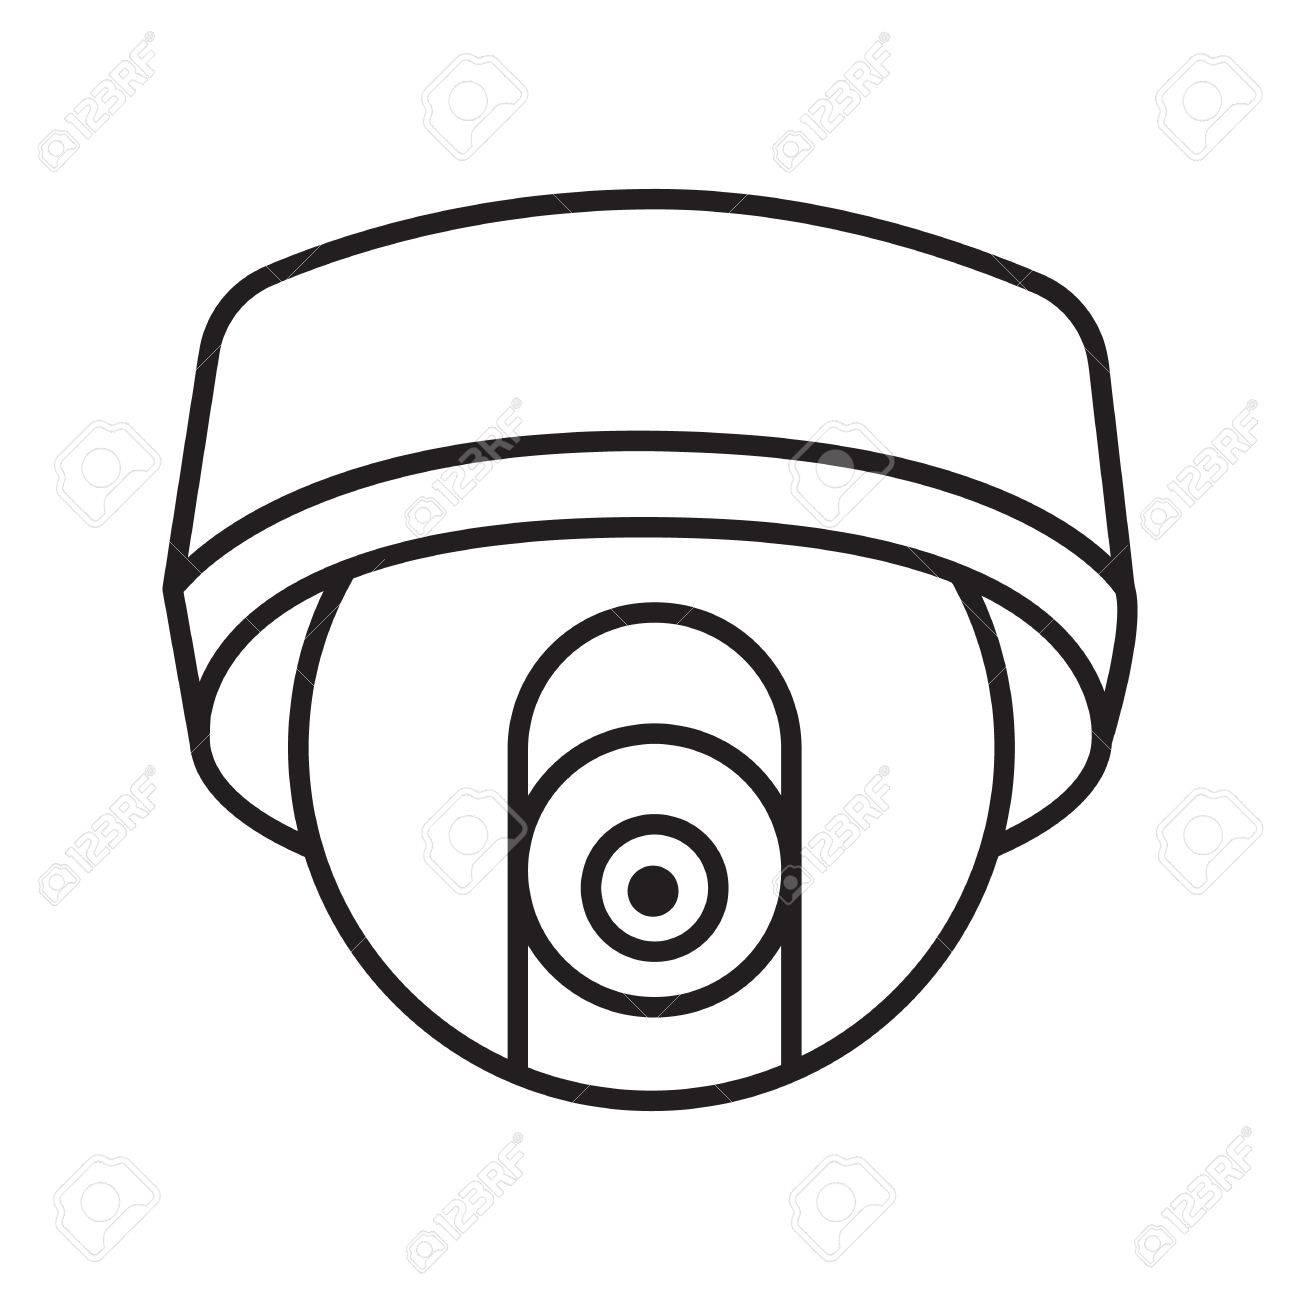 Cctv Camera Drawing At Getdrawings